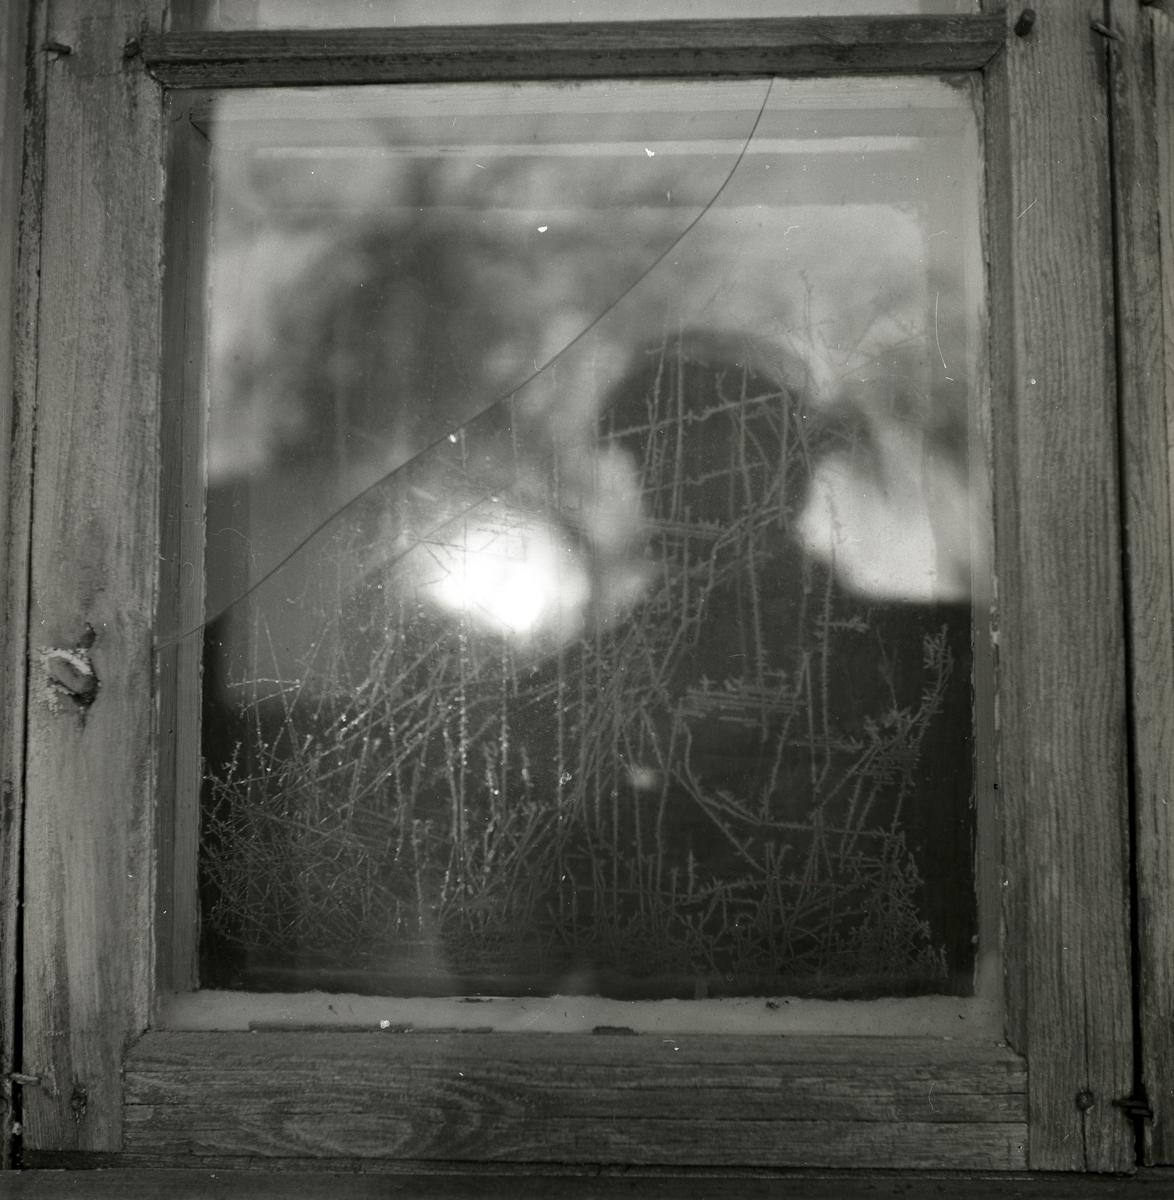 Rimfrostmönster på sprucket fönster, fotograferat någon gång mellan 1945 och 1952 eventuellt i Mo.